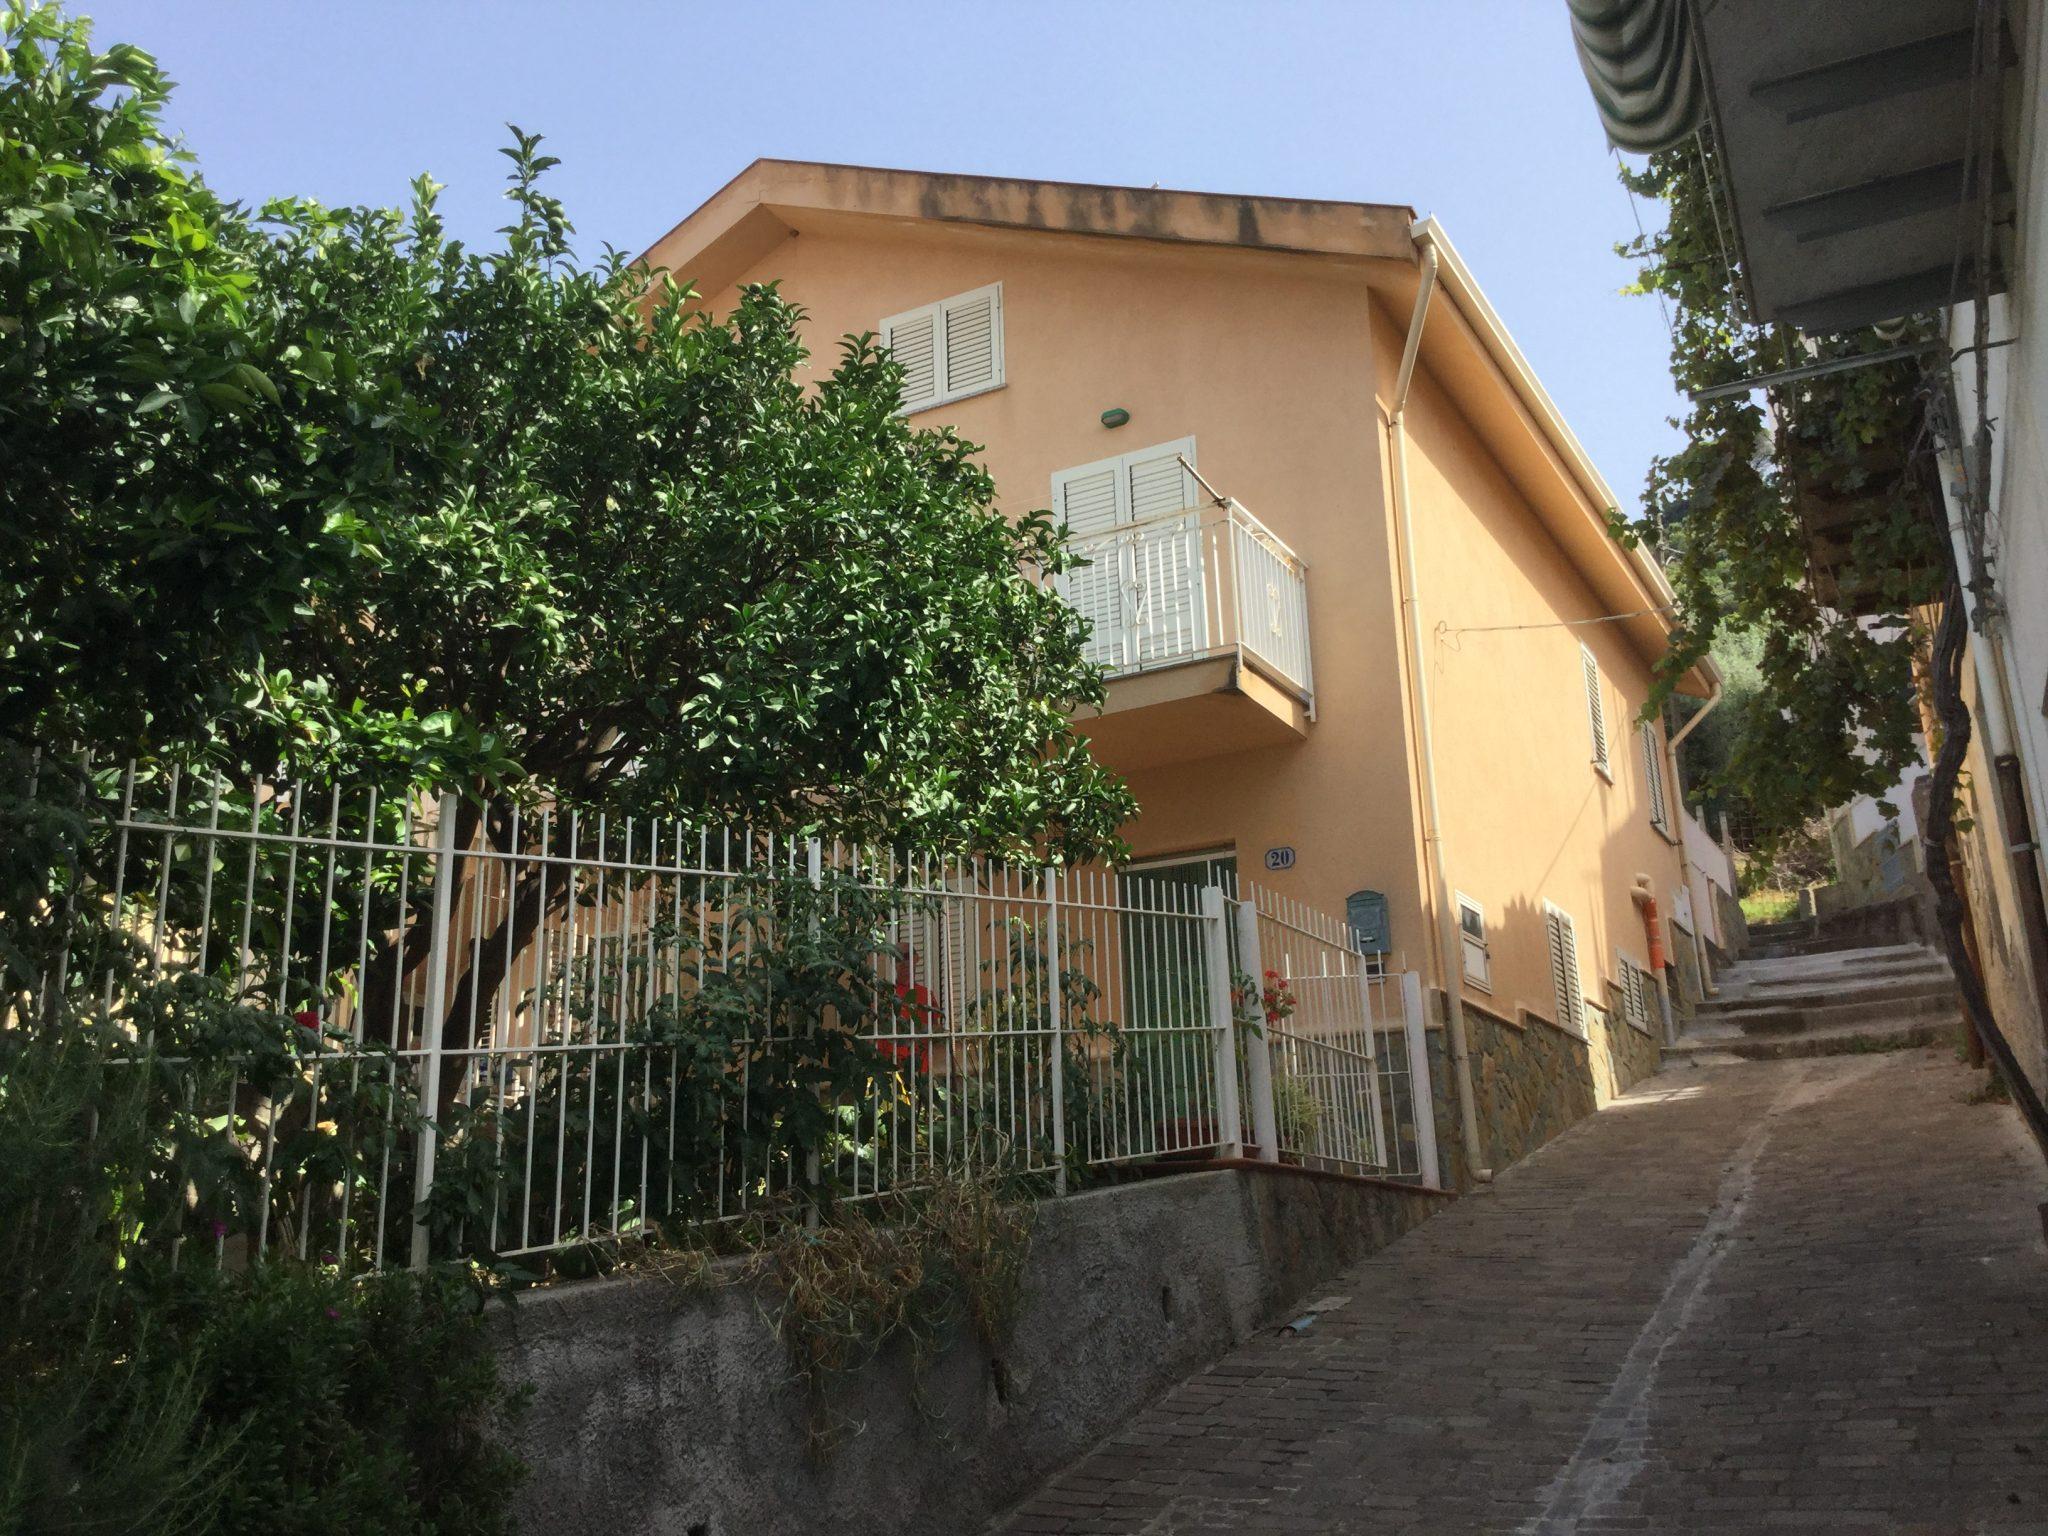 116 - Casa indipendente a S. Ambrogio.